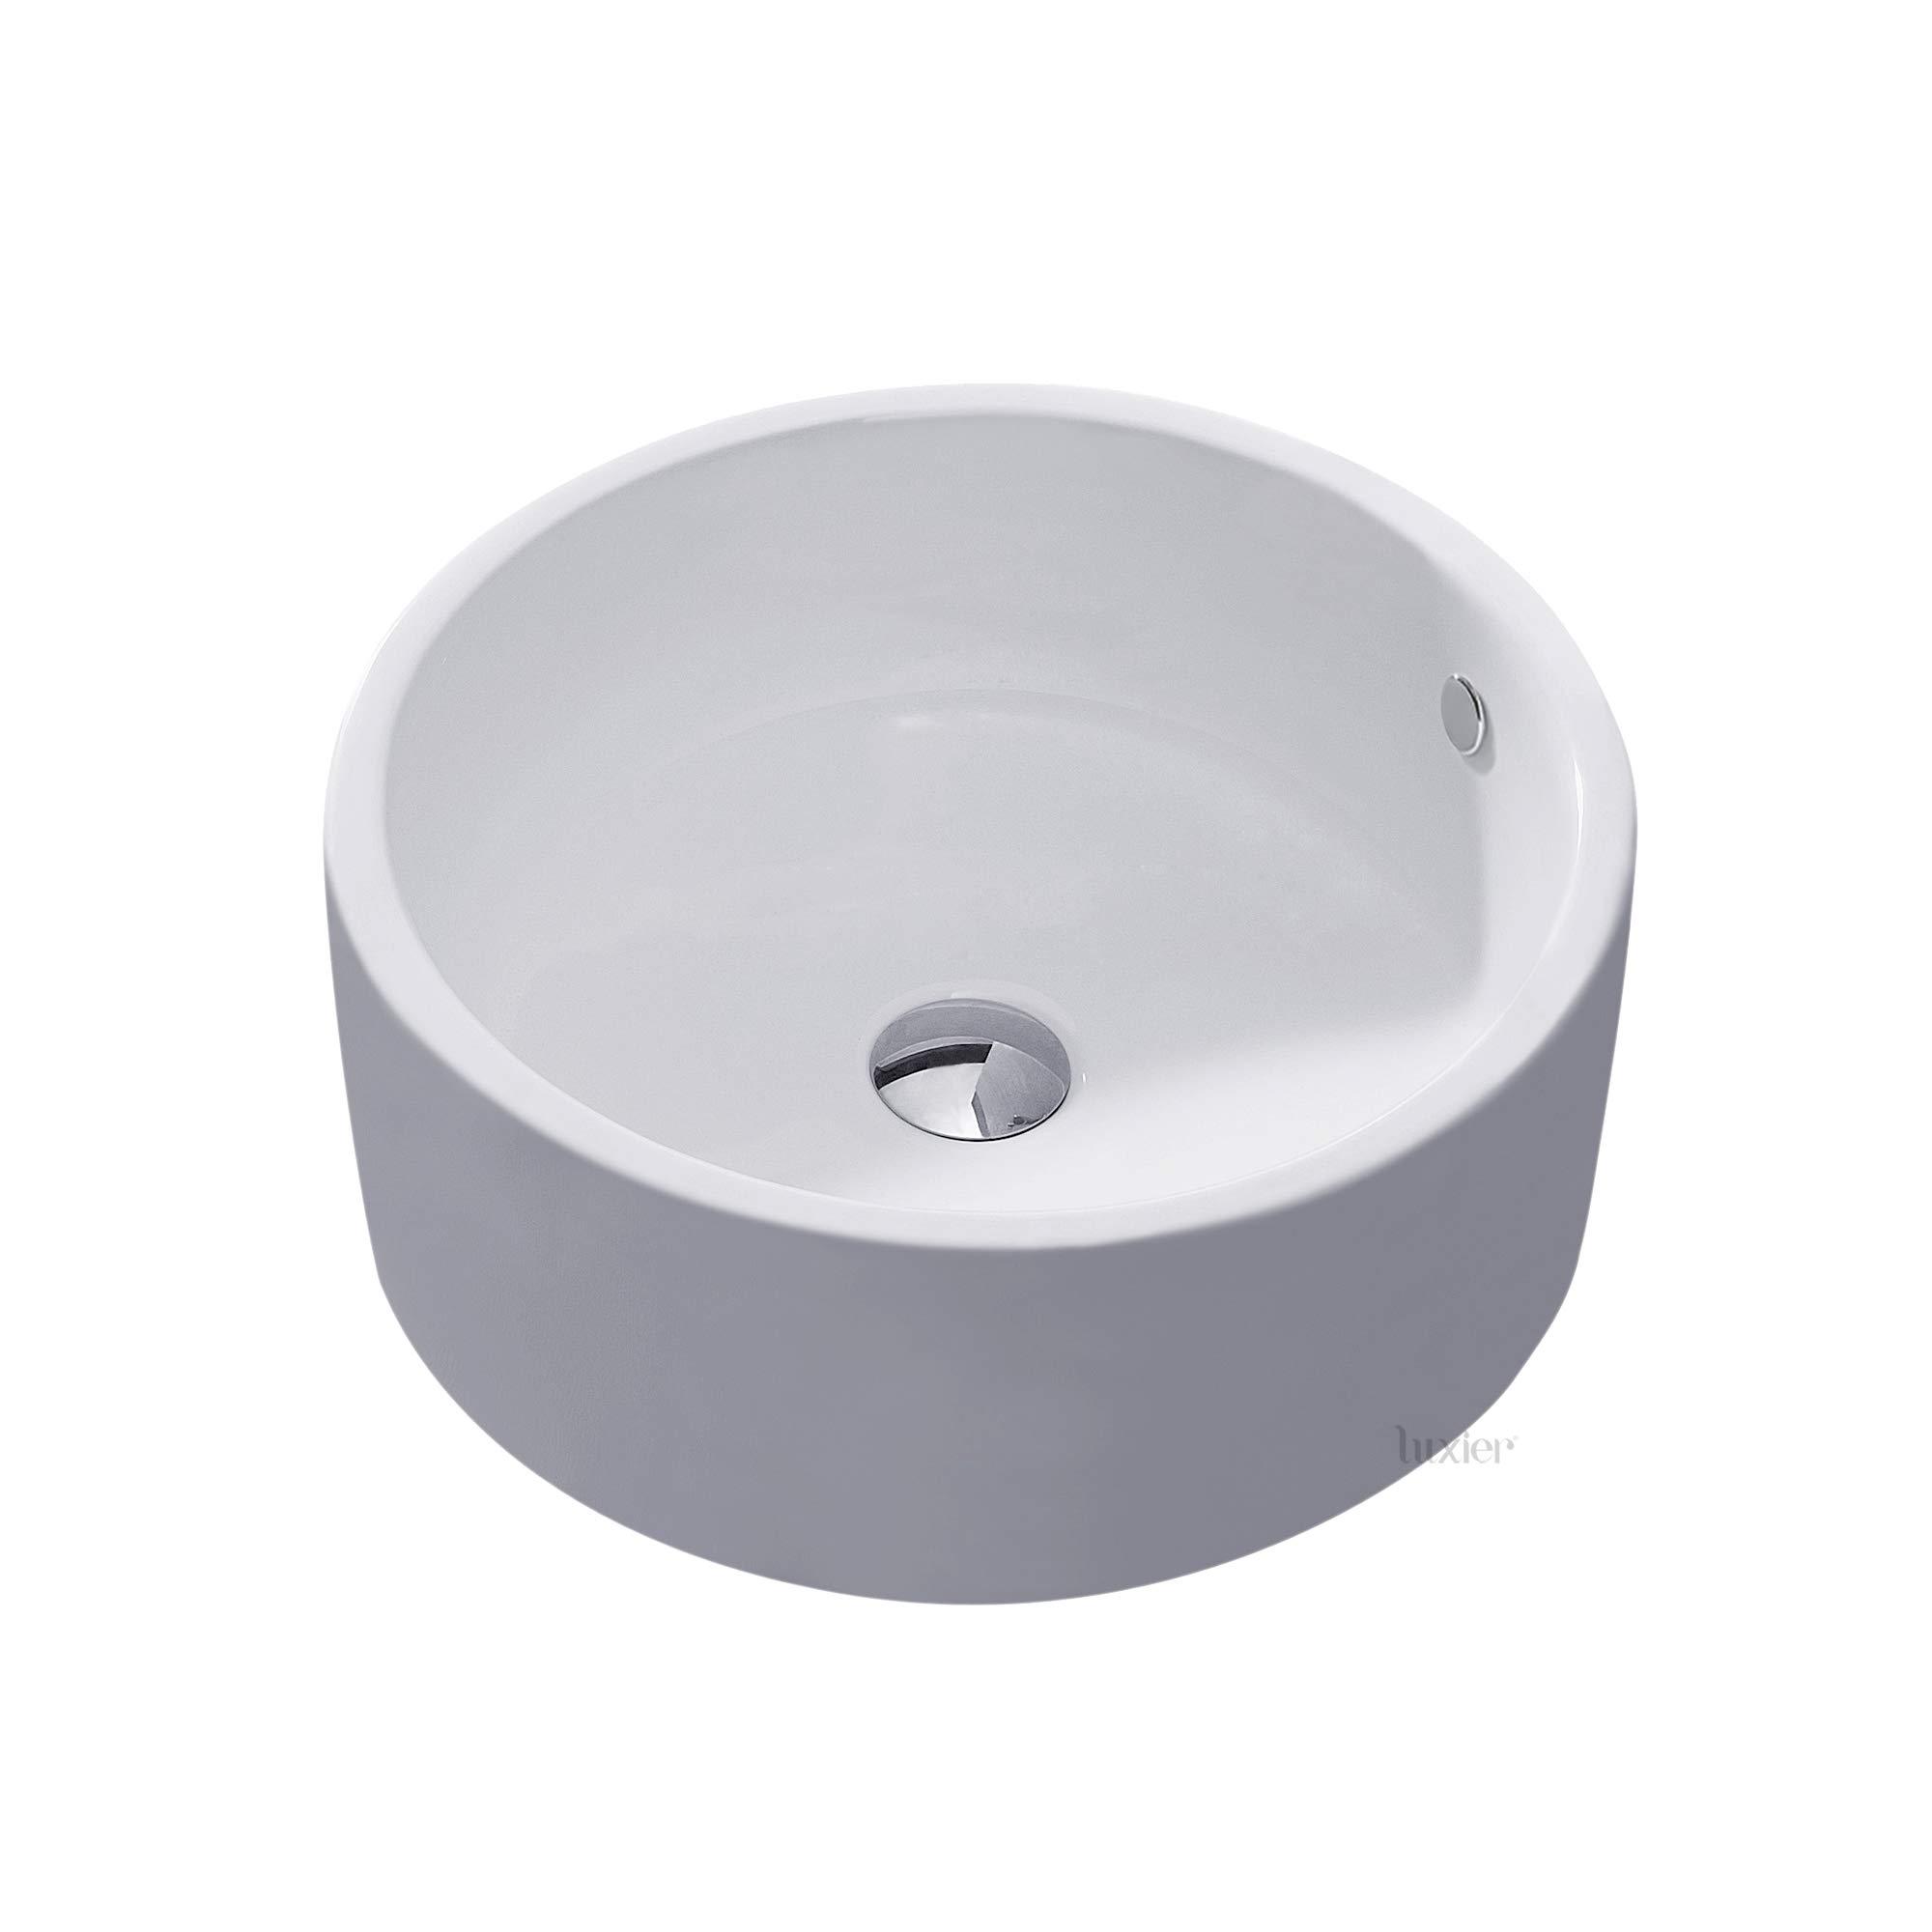 Luxier CS-008 Bathroom Porcelain Ceramic Vessel Vanity Sink Art Basin